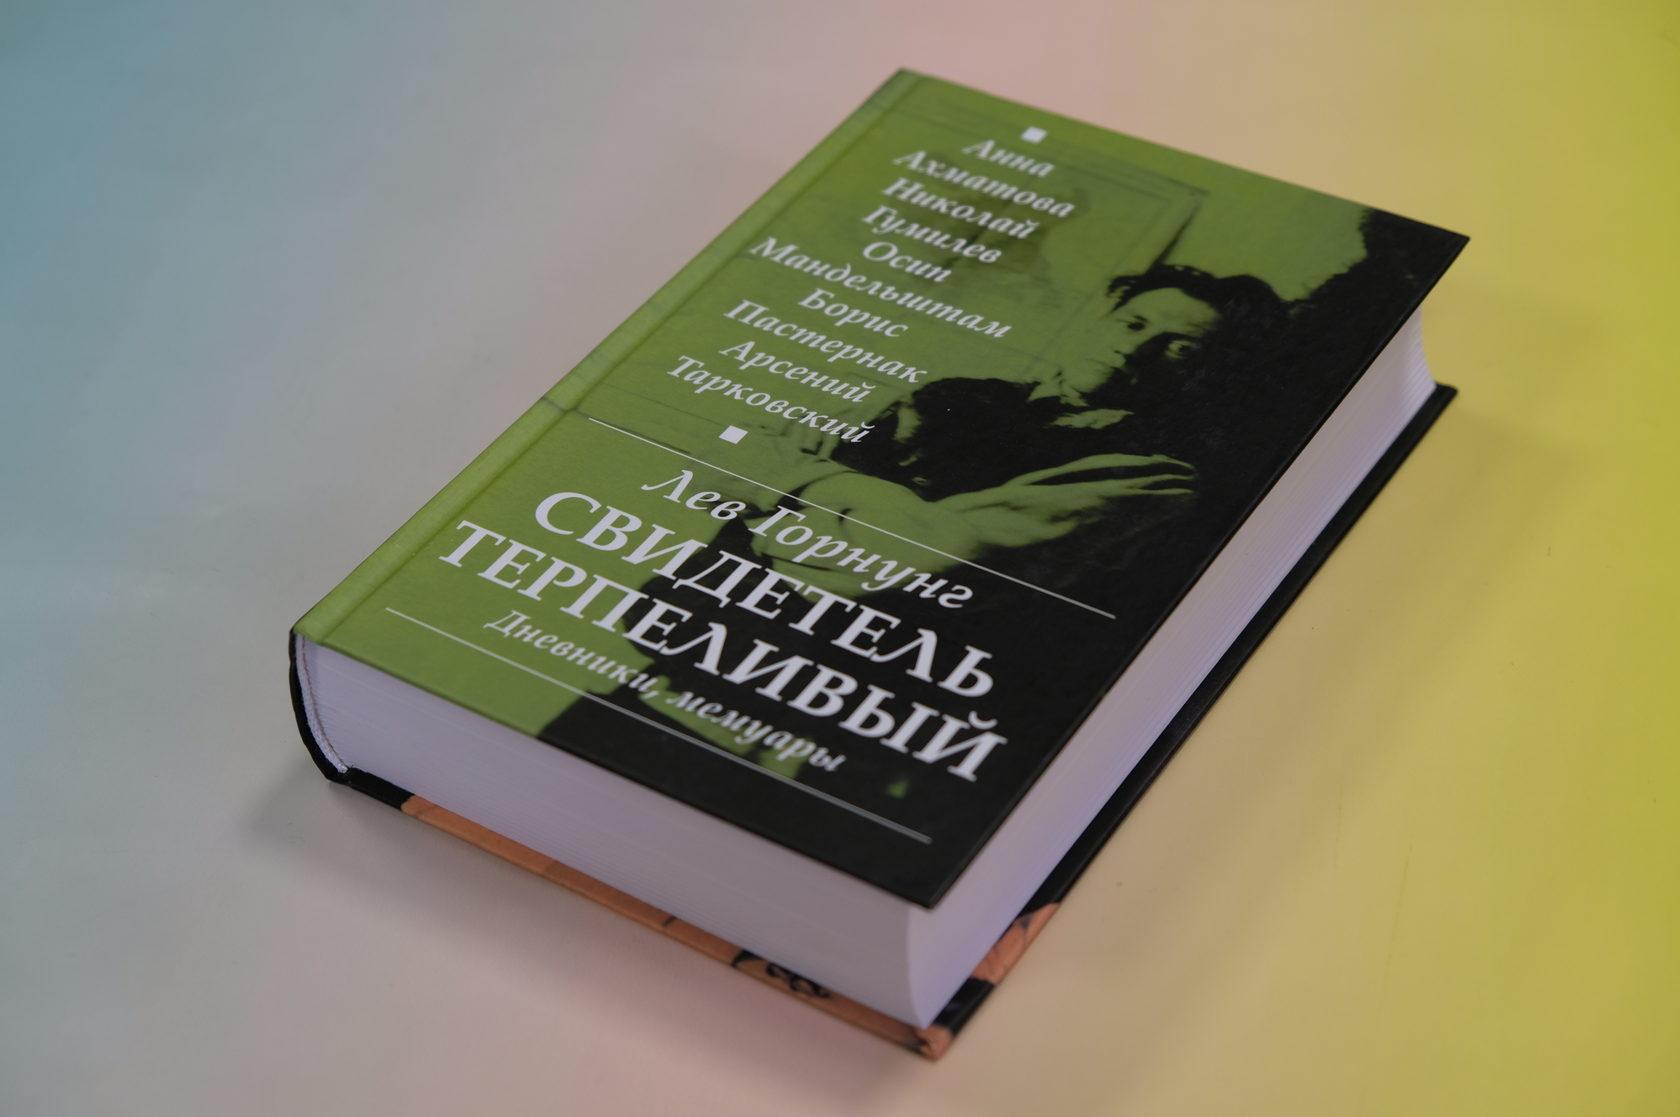 Лев Горнунг «Свидетель терпеливый. Дневники, мемуары»